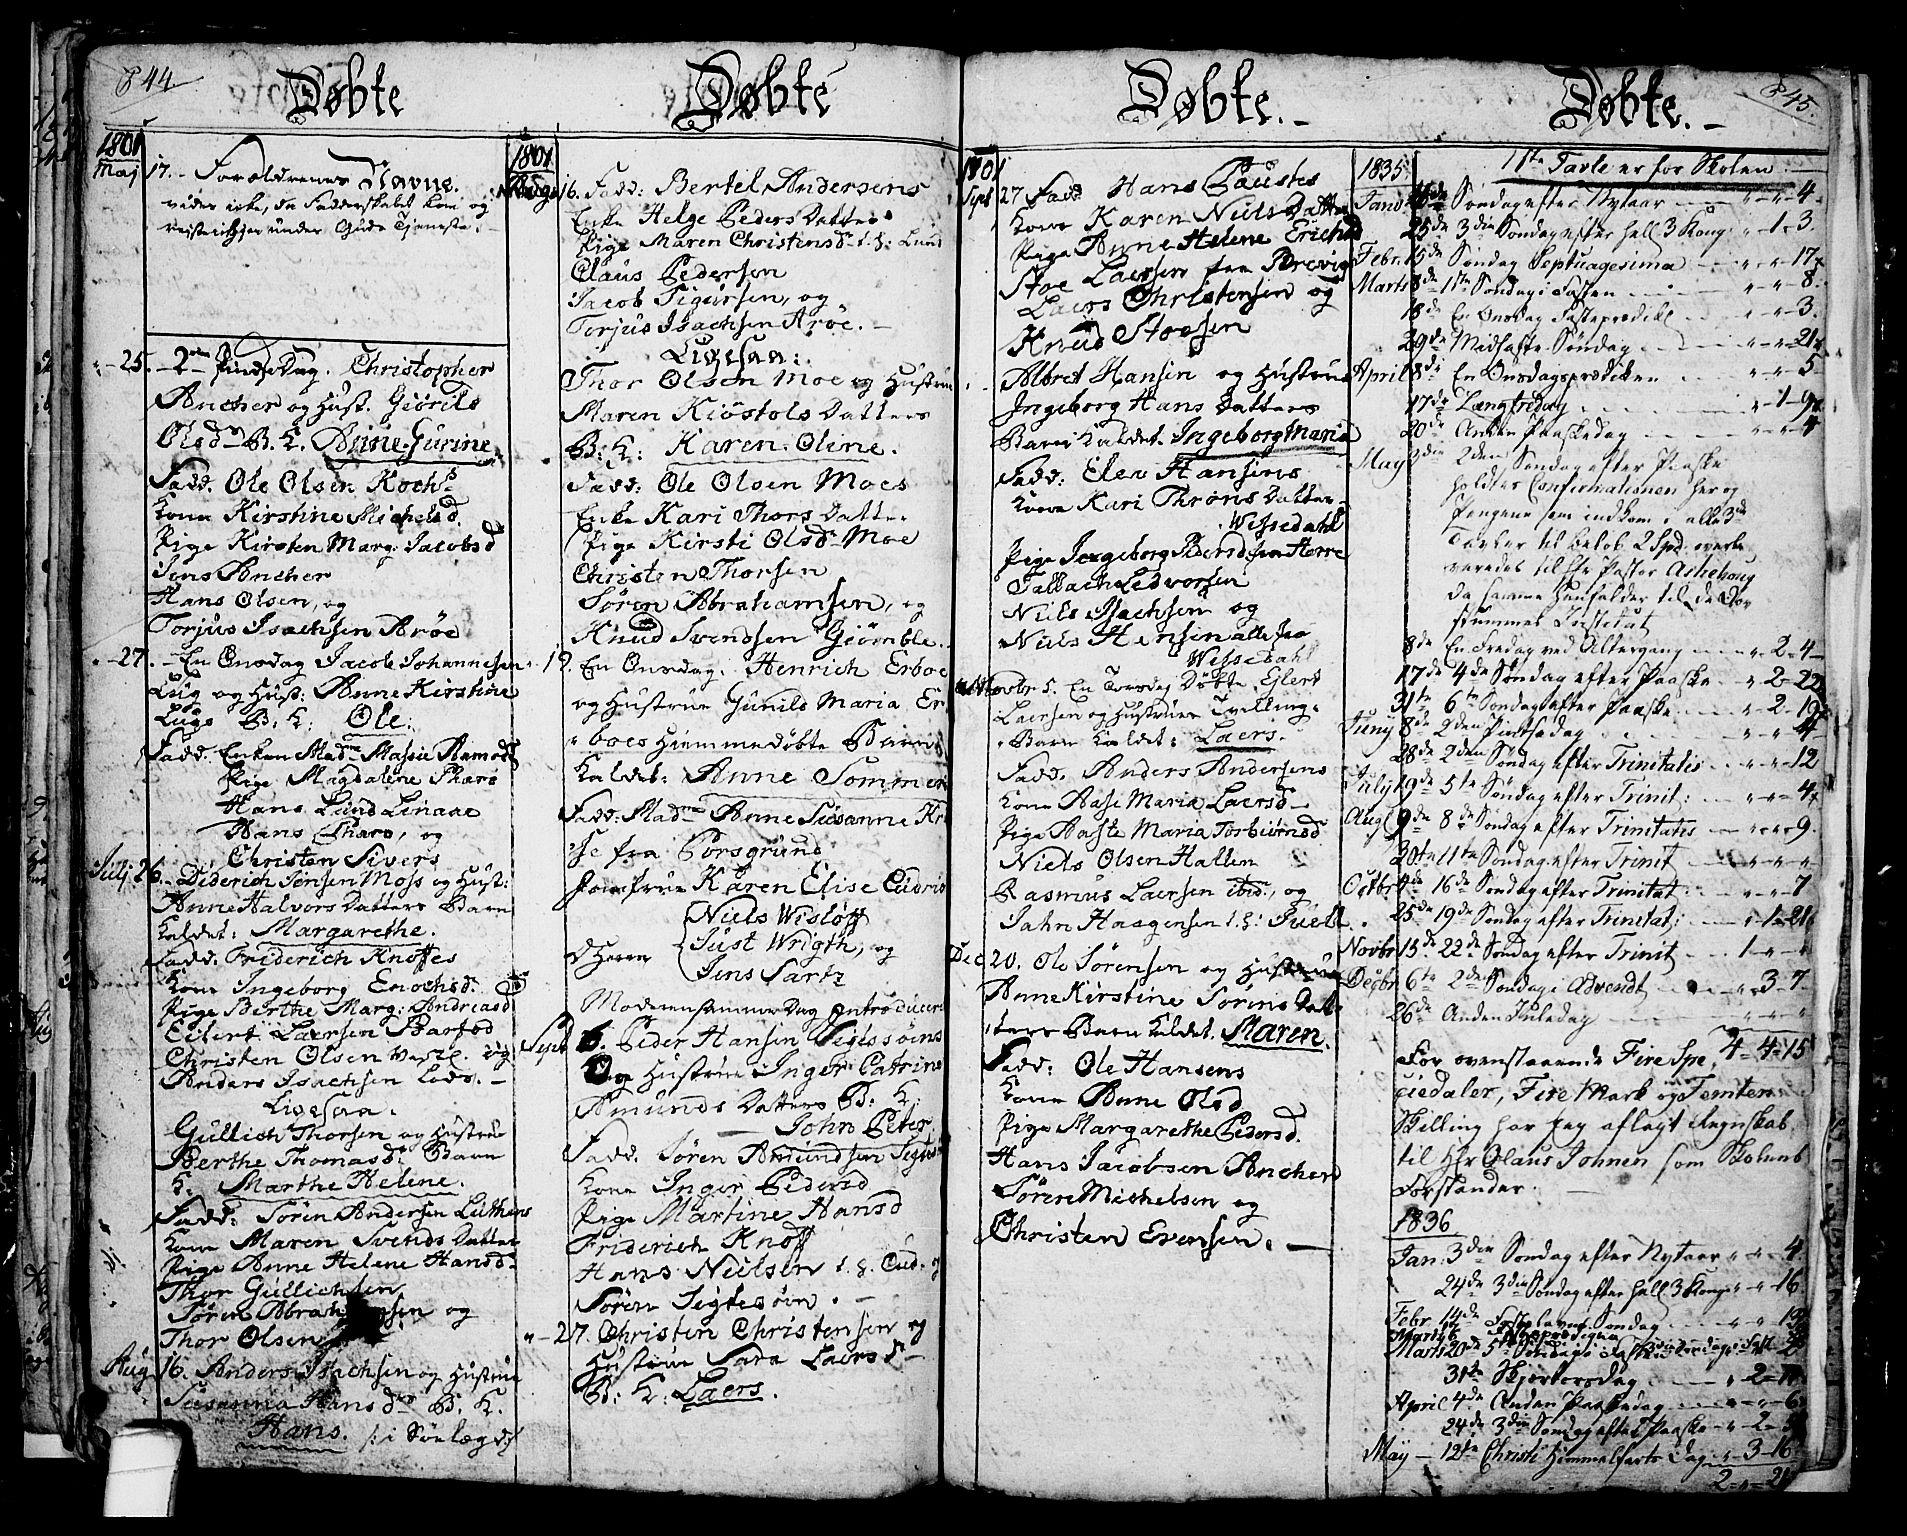 SAKO, Langesund kirkebøker, G/Ga/L0001: Klokkerbok nr. 1, 1783-1801, s. 44-45